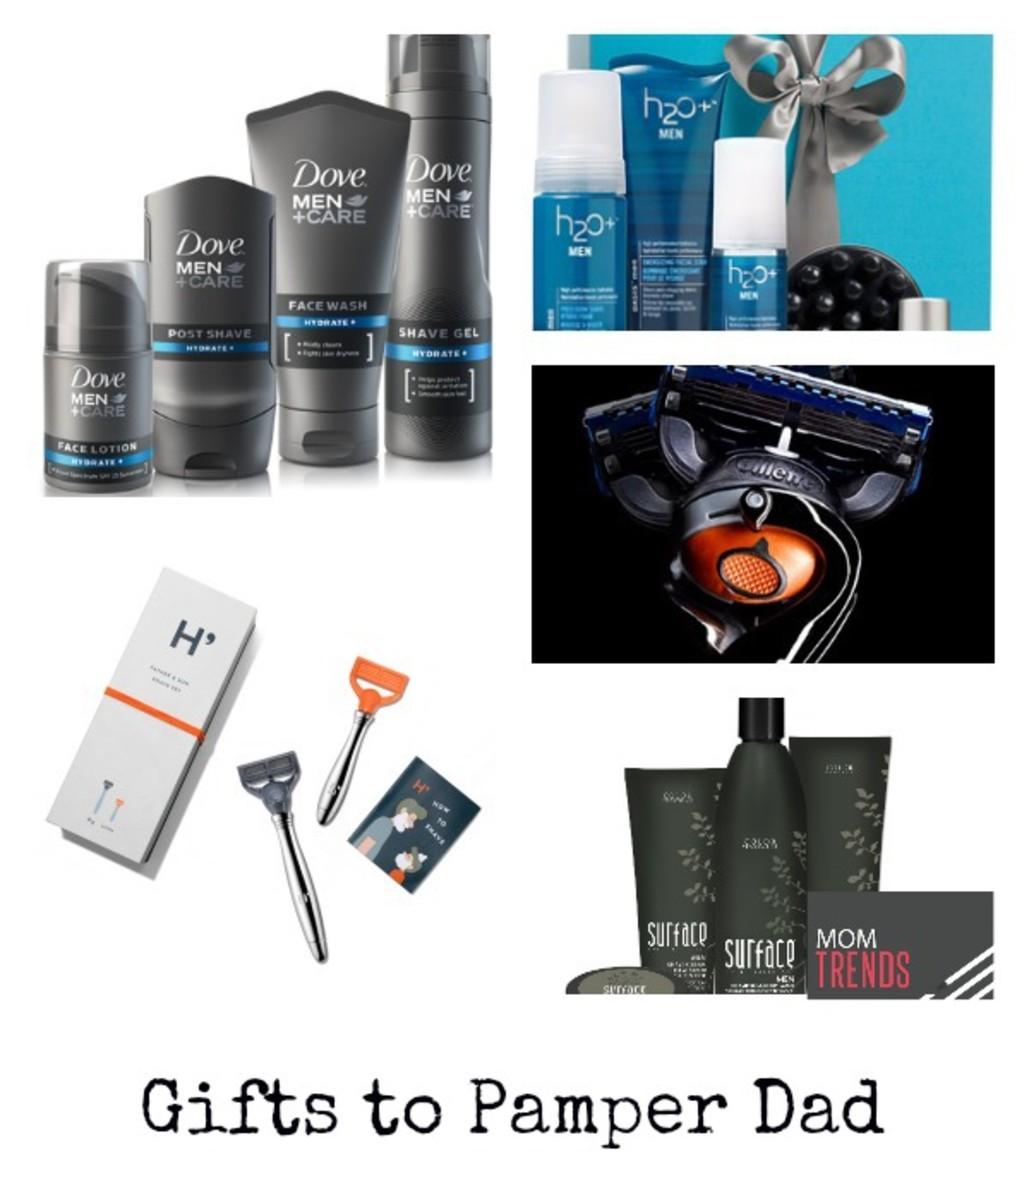 Pamper Dad